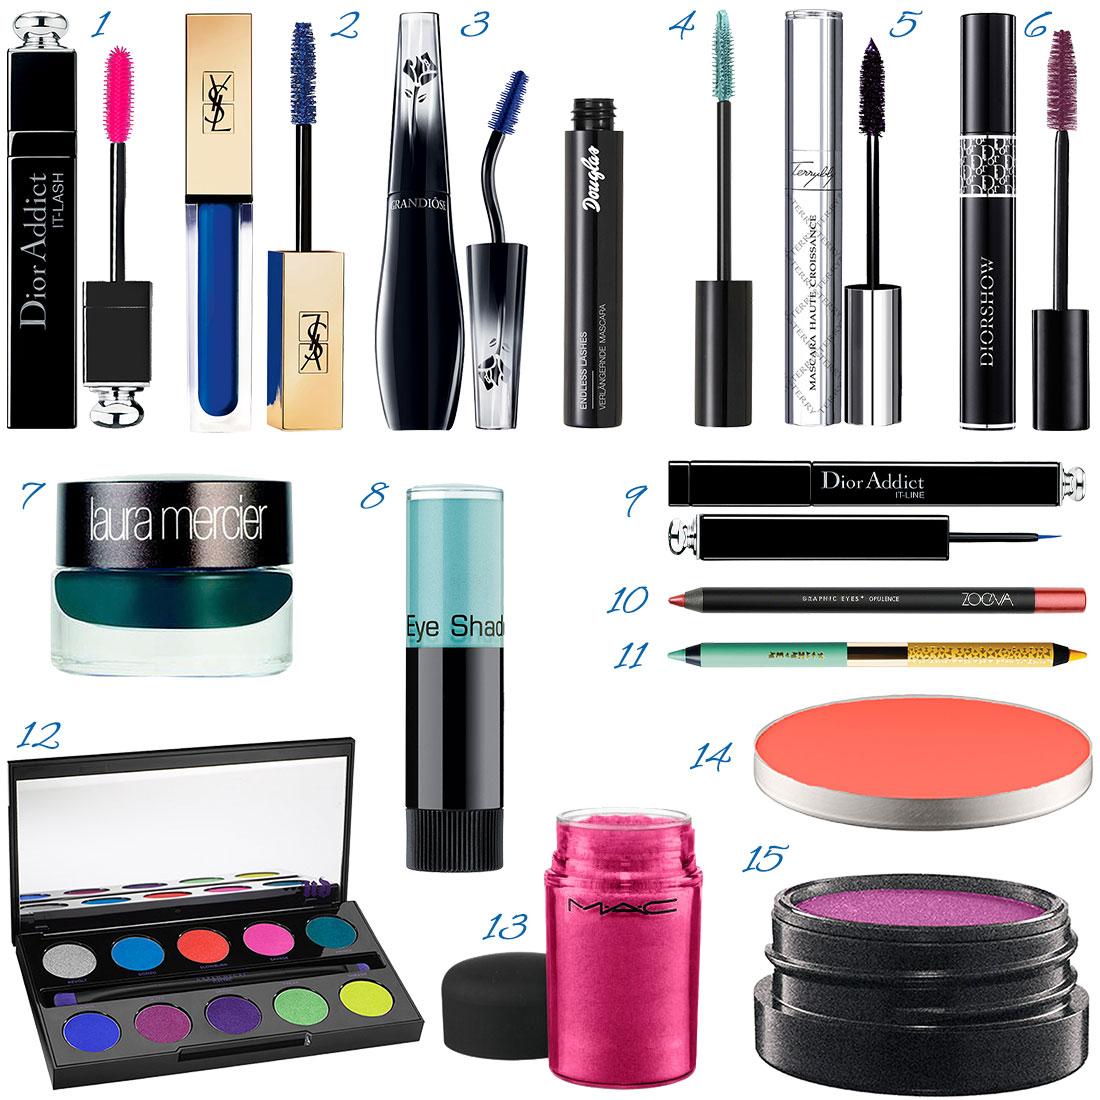 buntes Augen-Make-up Produkte